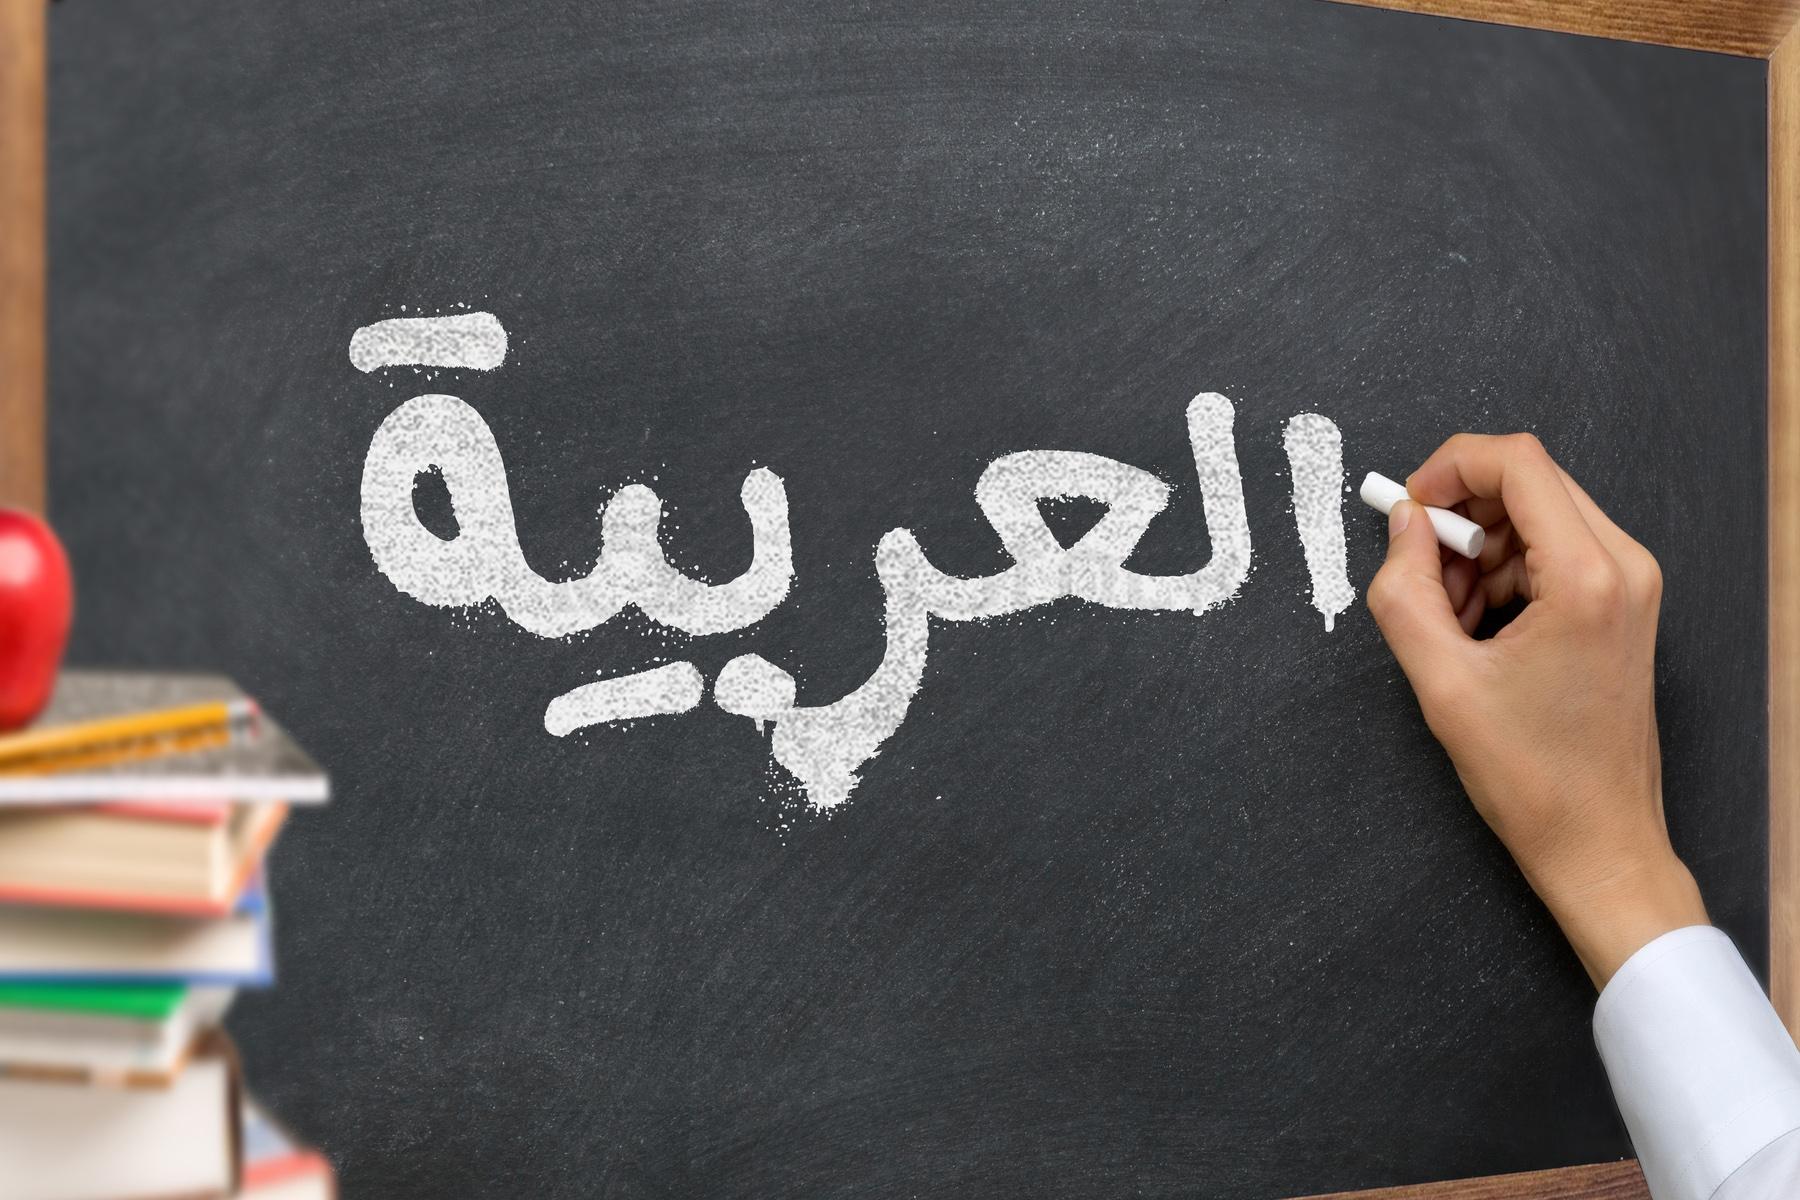 Written Arabic on a chalkboard